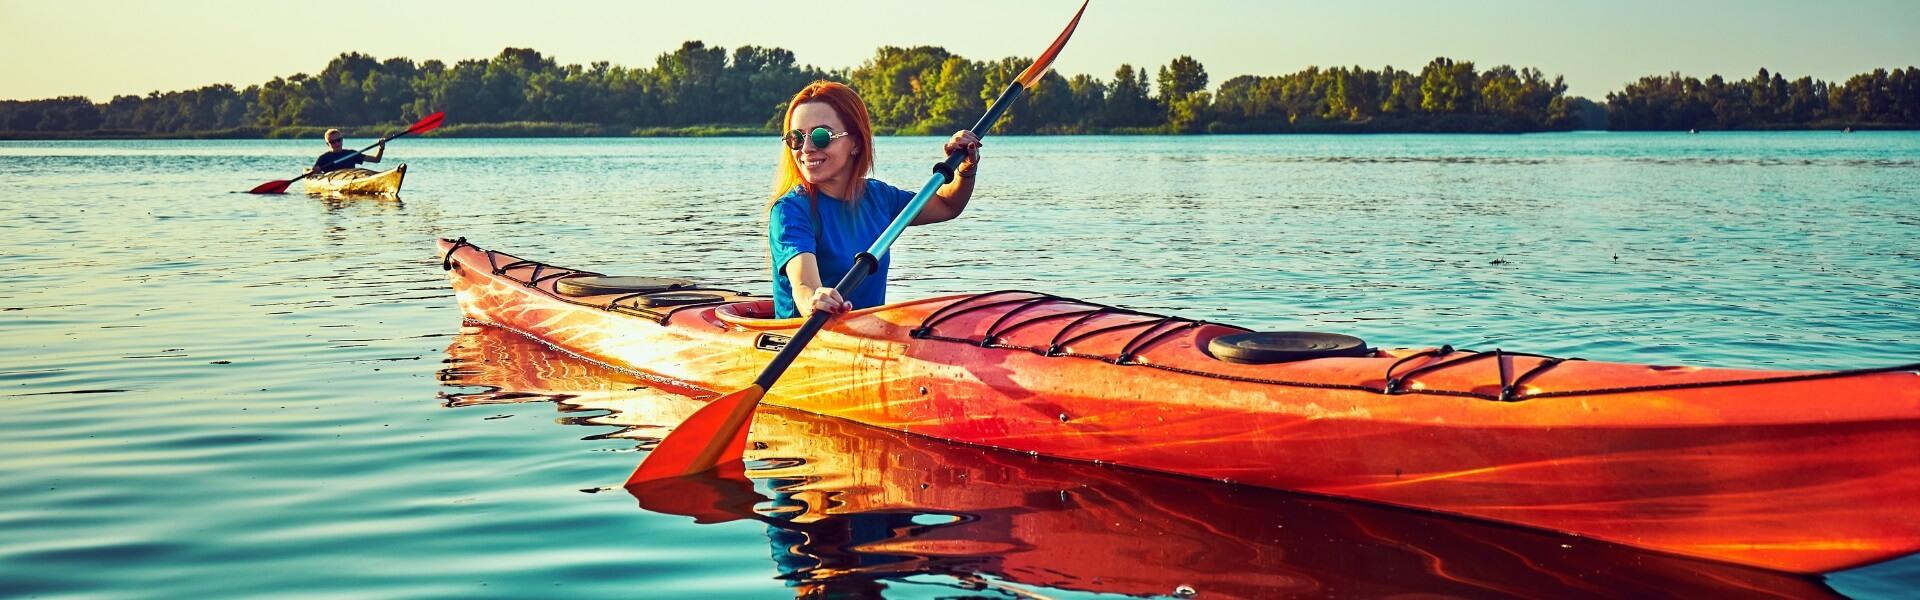 Kayaking in Nova Kakhovka